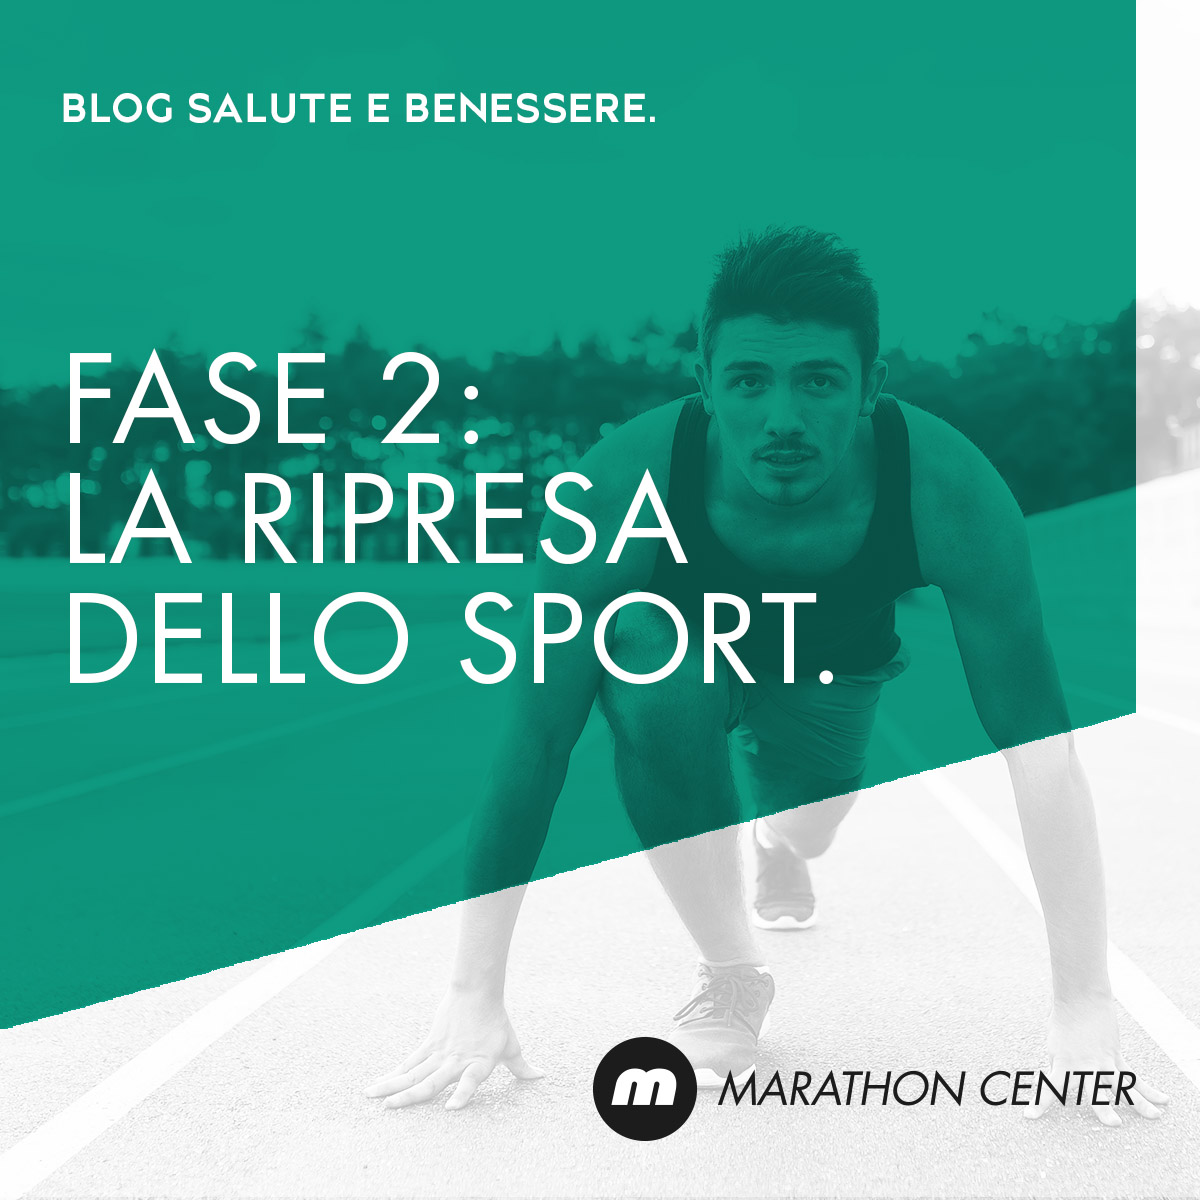 fase-2-covid19-ripresa-sport-marathon-medical-center-brescia